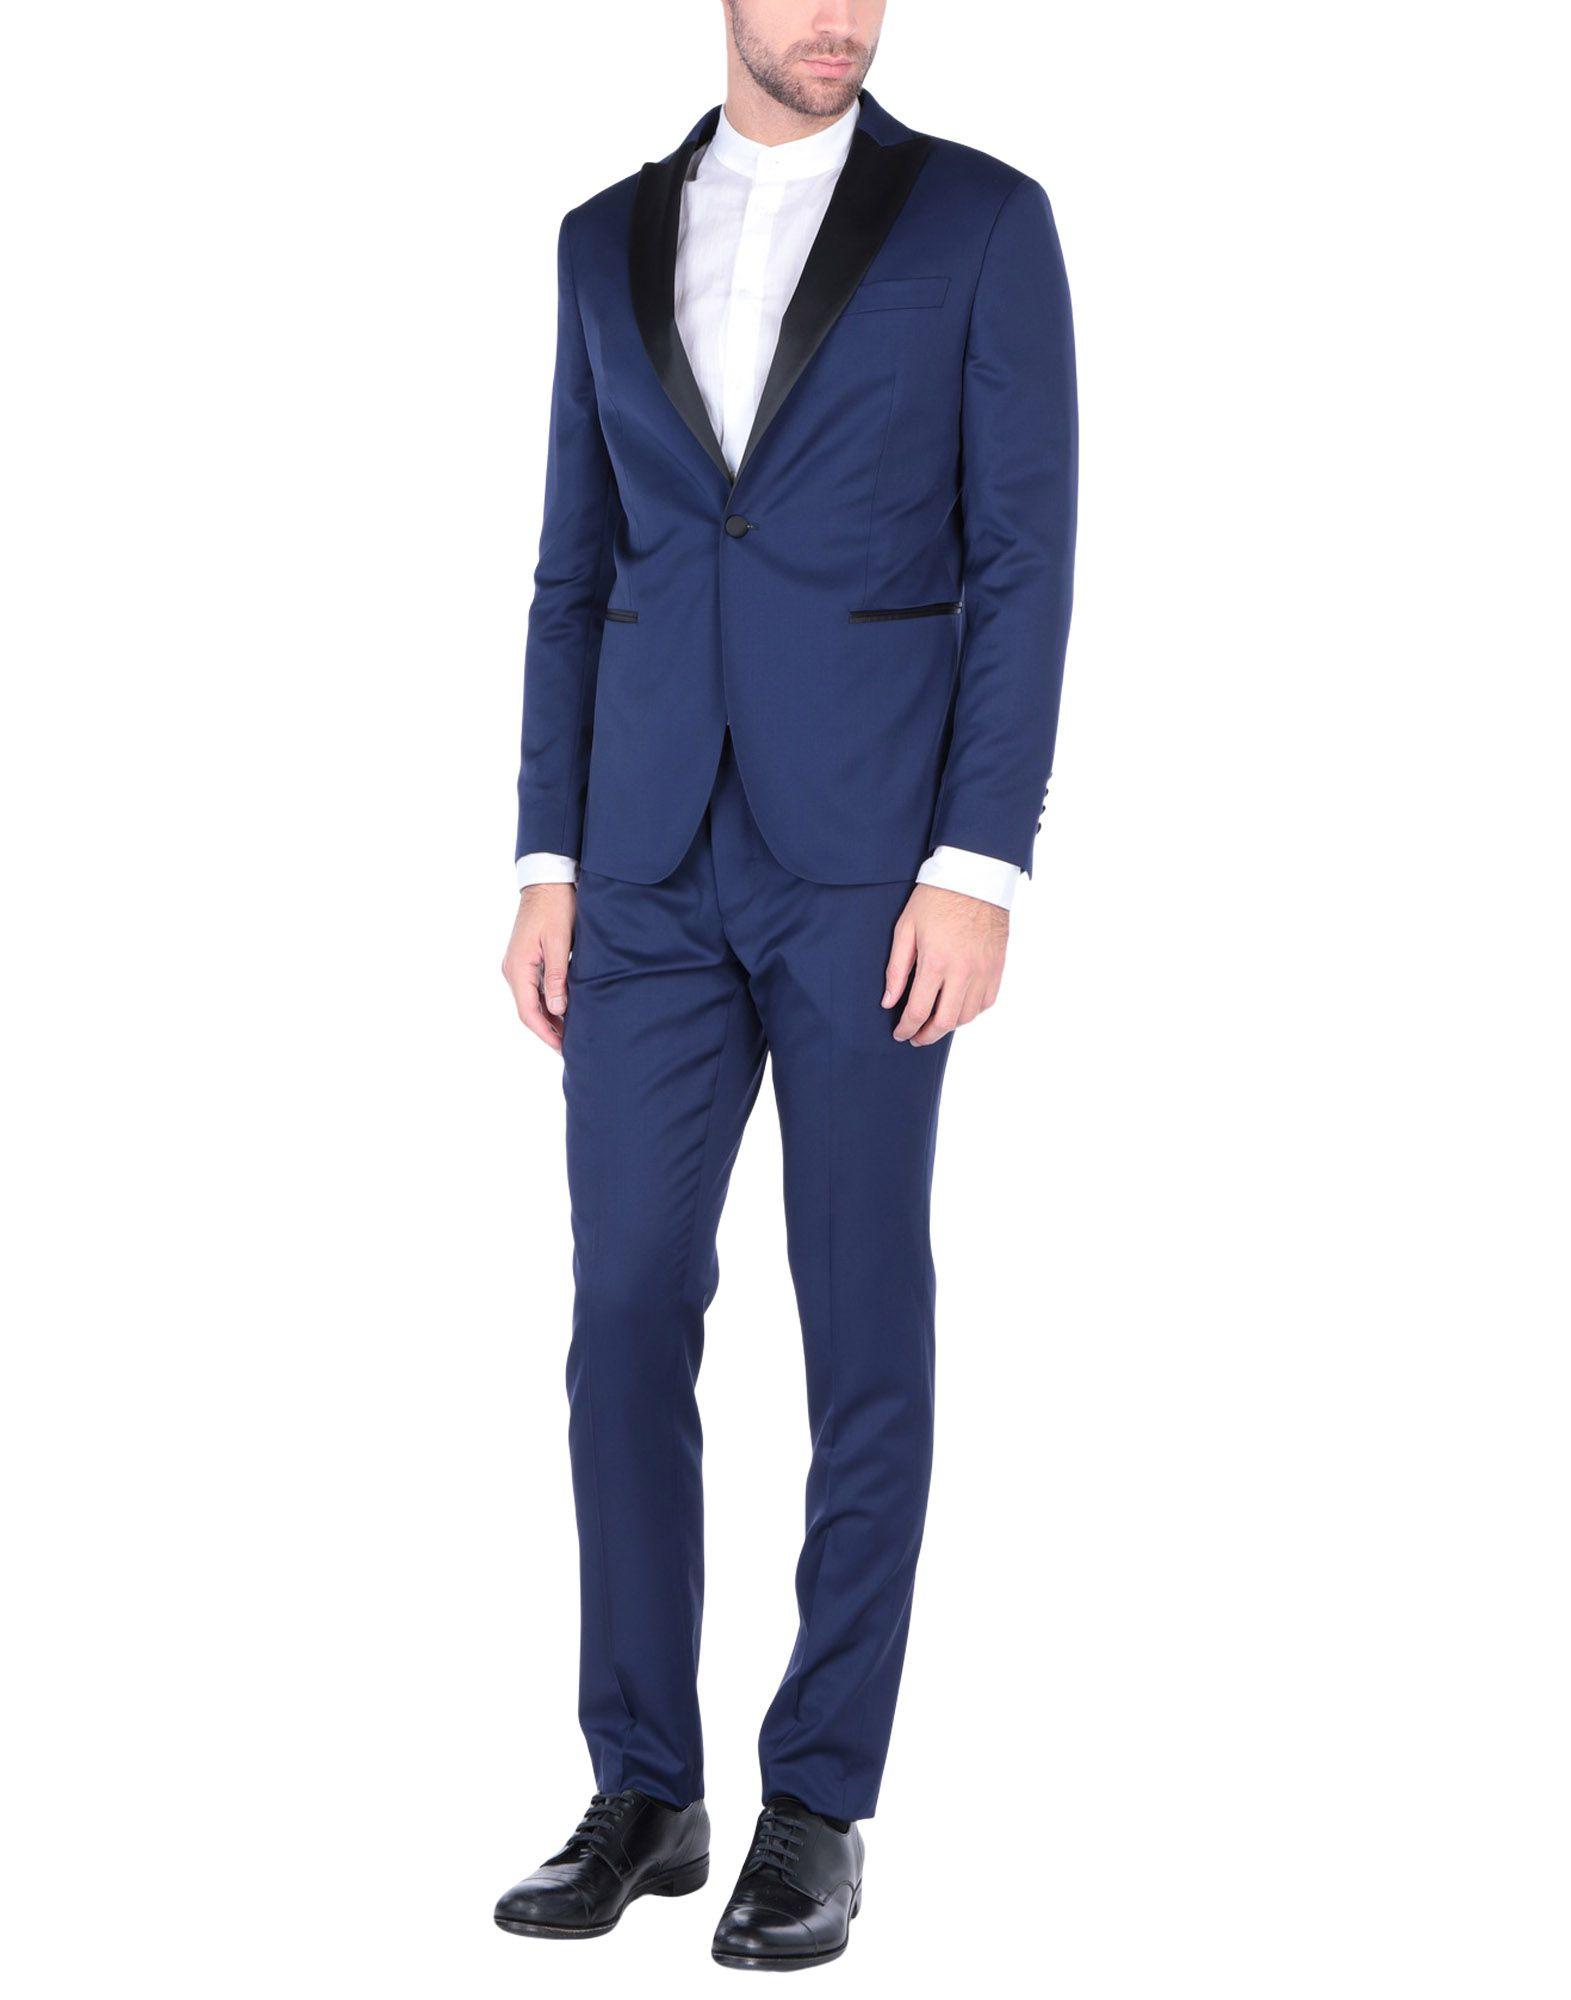 《送料無料》VITALE BARBERIS CANONICO メンズ スーツ ブルー 50 バージンウール 100%